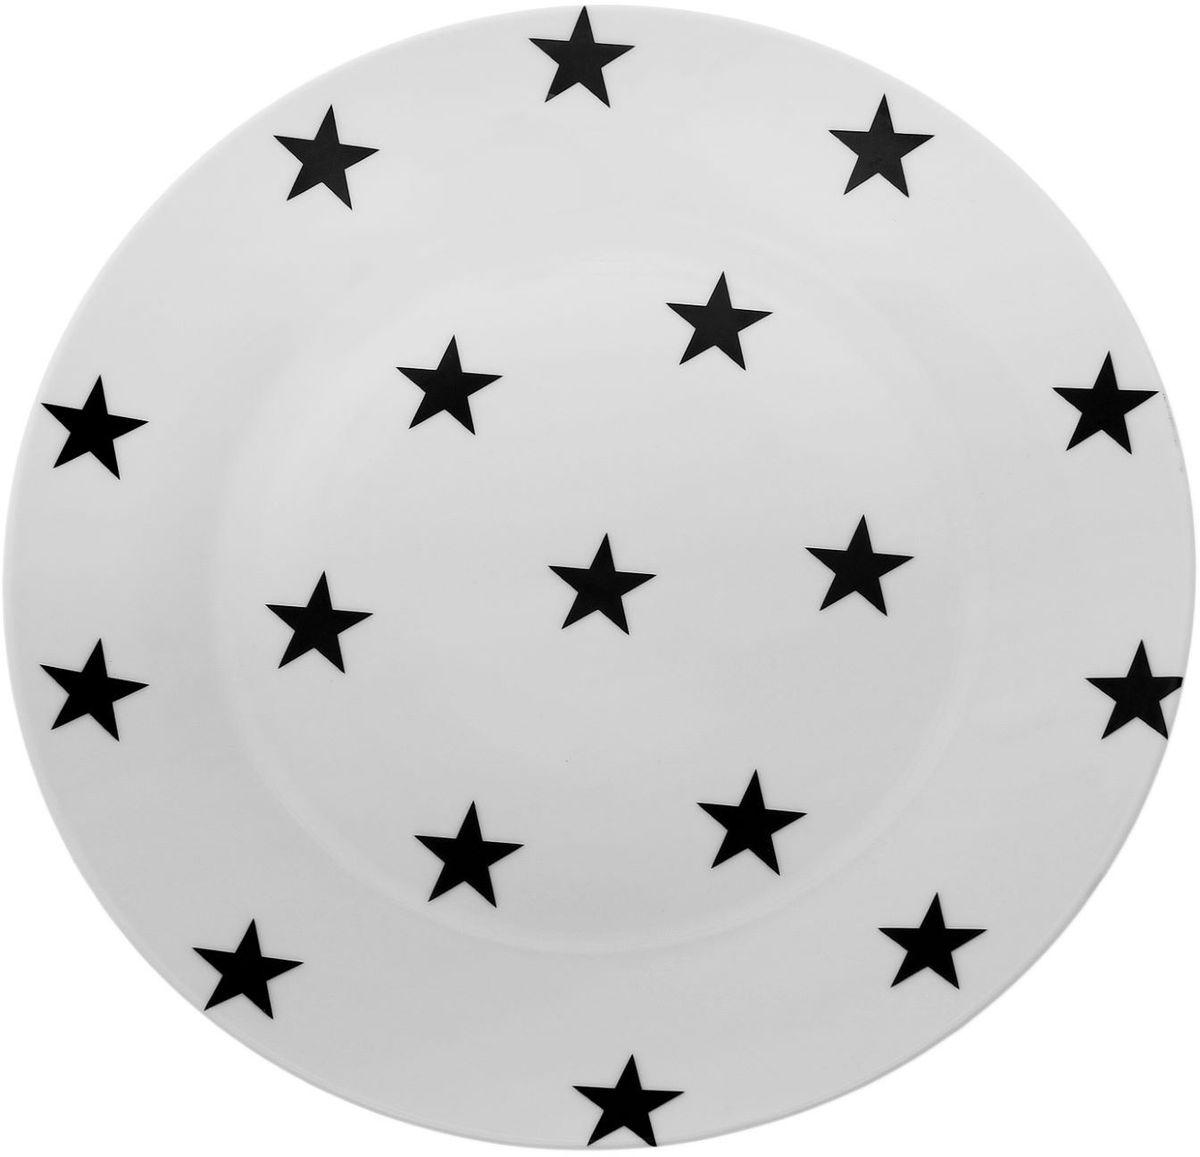 Тарелка Сотвори чудо My Little Star, диаметр 23 см1661831Хотите обновить интерьер кухни или гостиной? Устраиваете необычную фотосессию или тематический праздник? А может, просто ищете подарок для близкого человека? Посуда « Сотвори Чудо» — правильный выбор в любой ситуации. Её достоинства: изящный фаянс нежного сливочного цвета; стойкость краски; пригодность для посудомоечных машин.